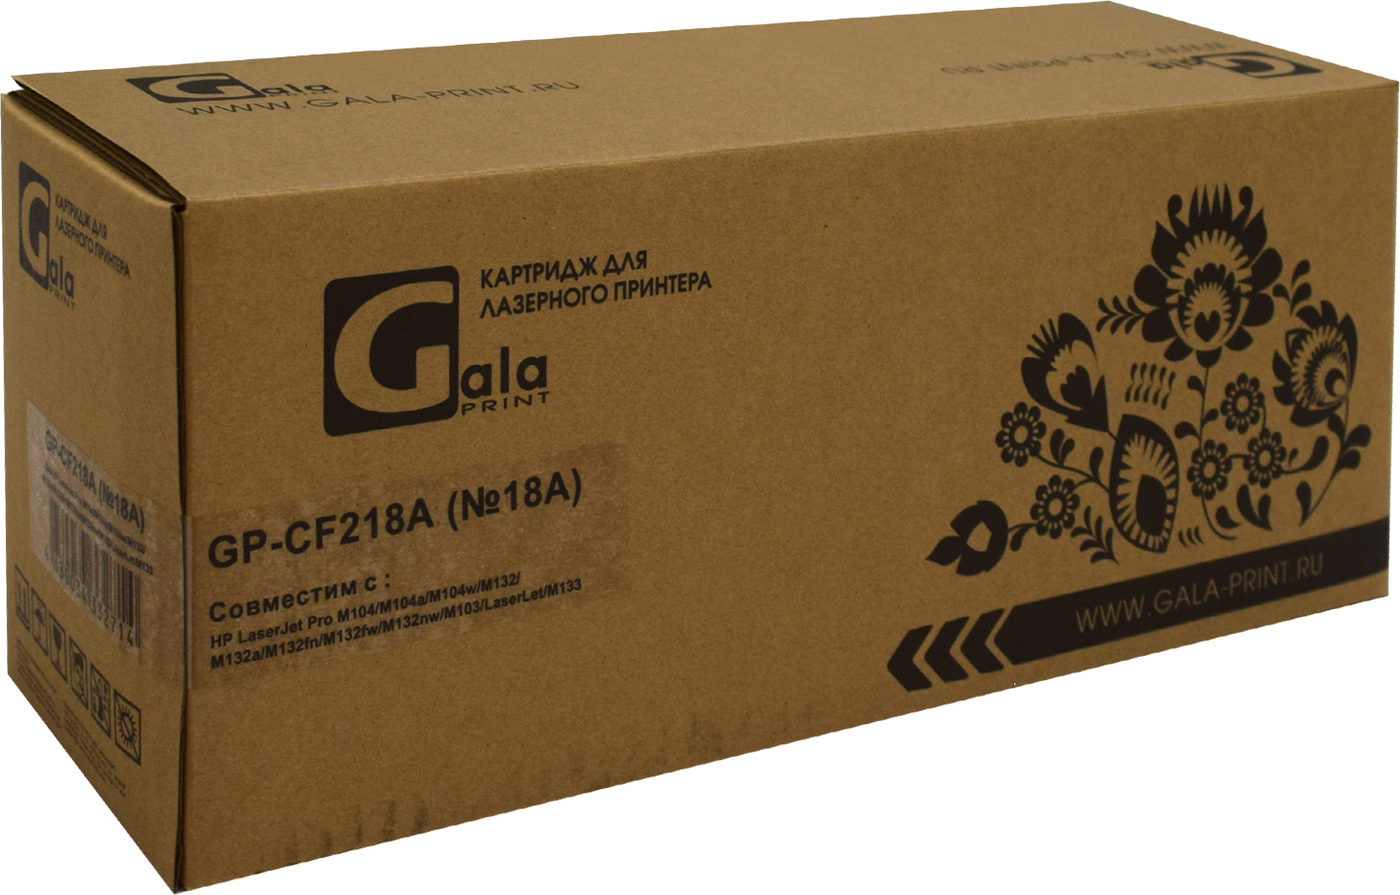 Картридж GalaPrint GP-CF218A